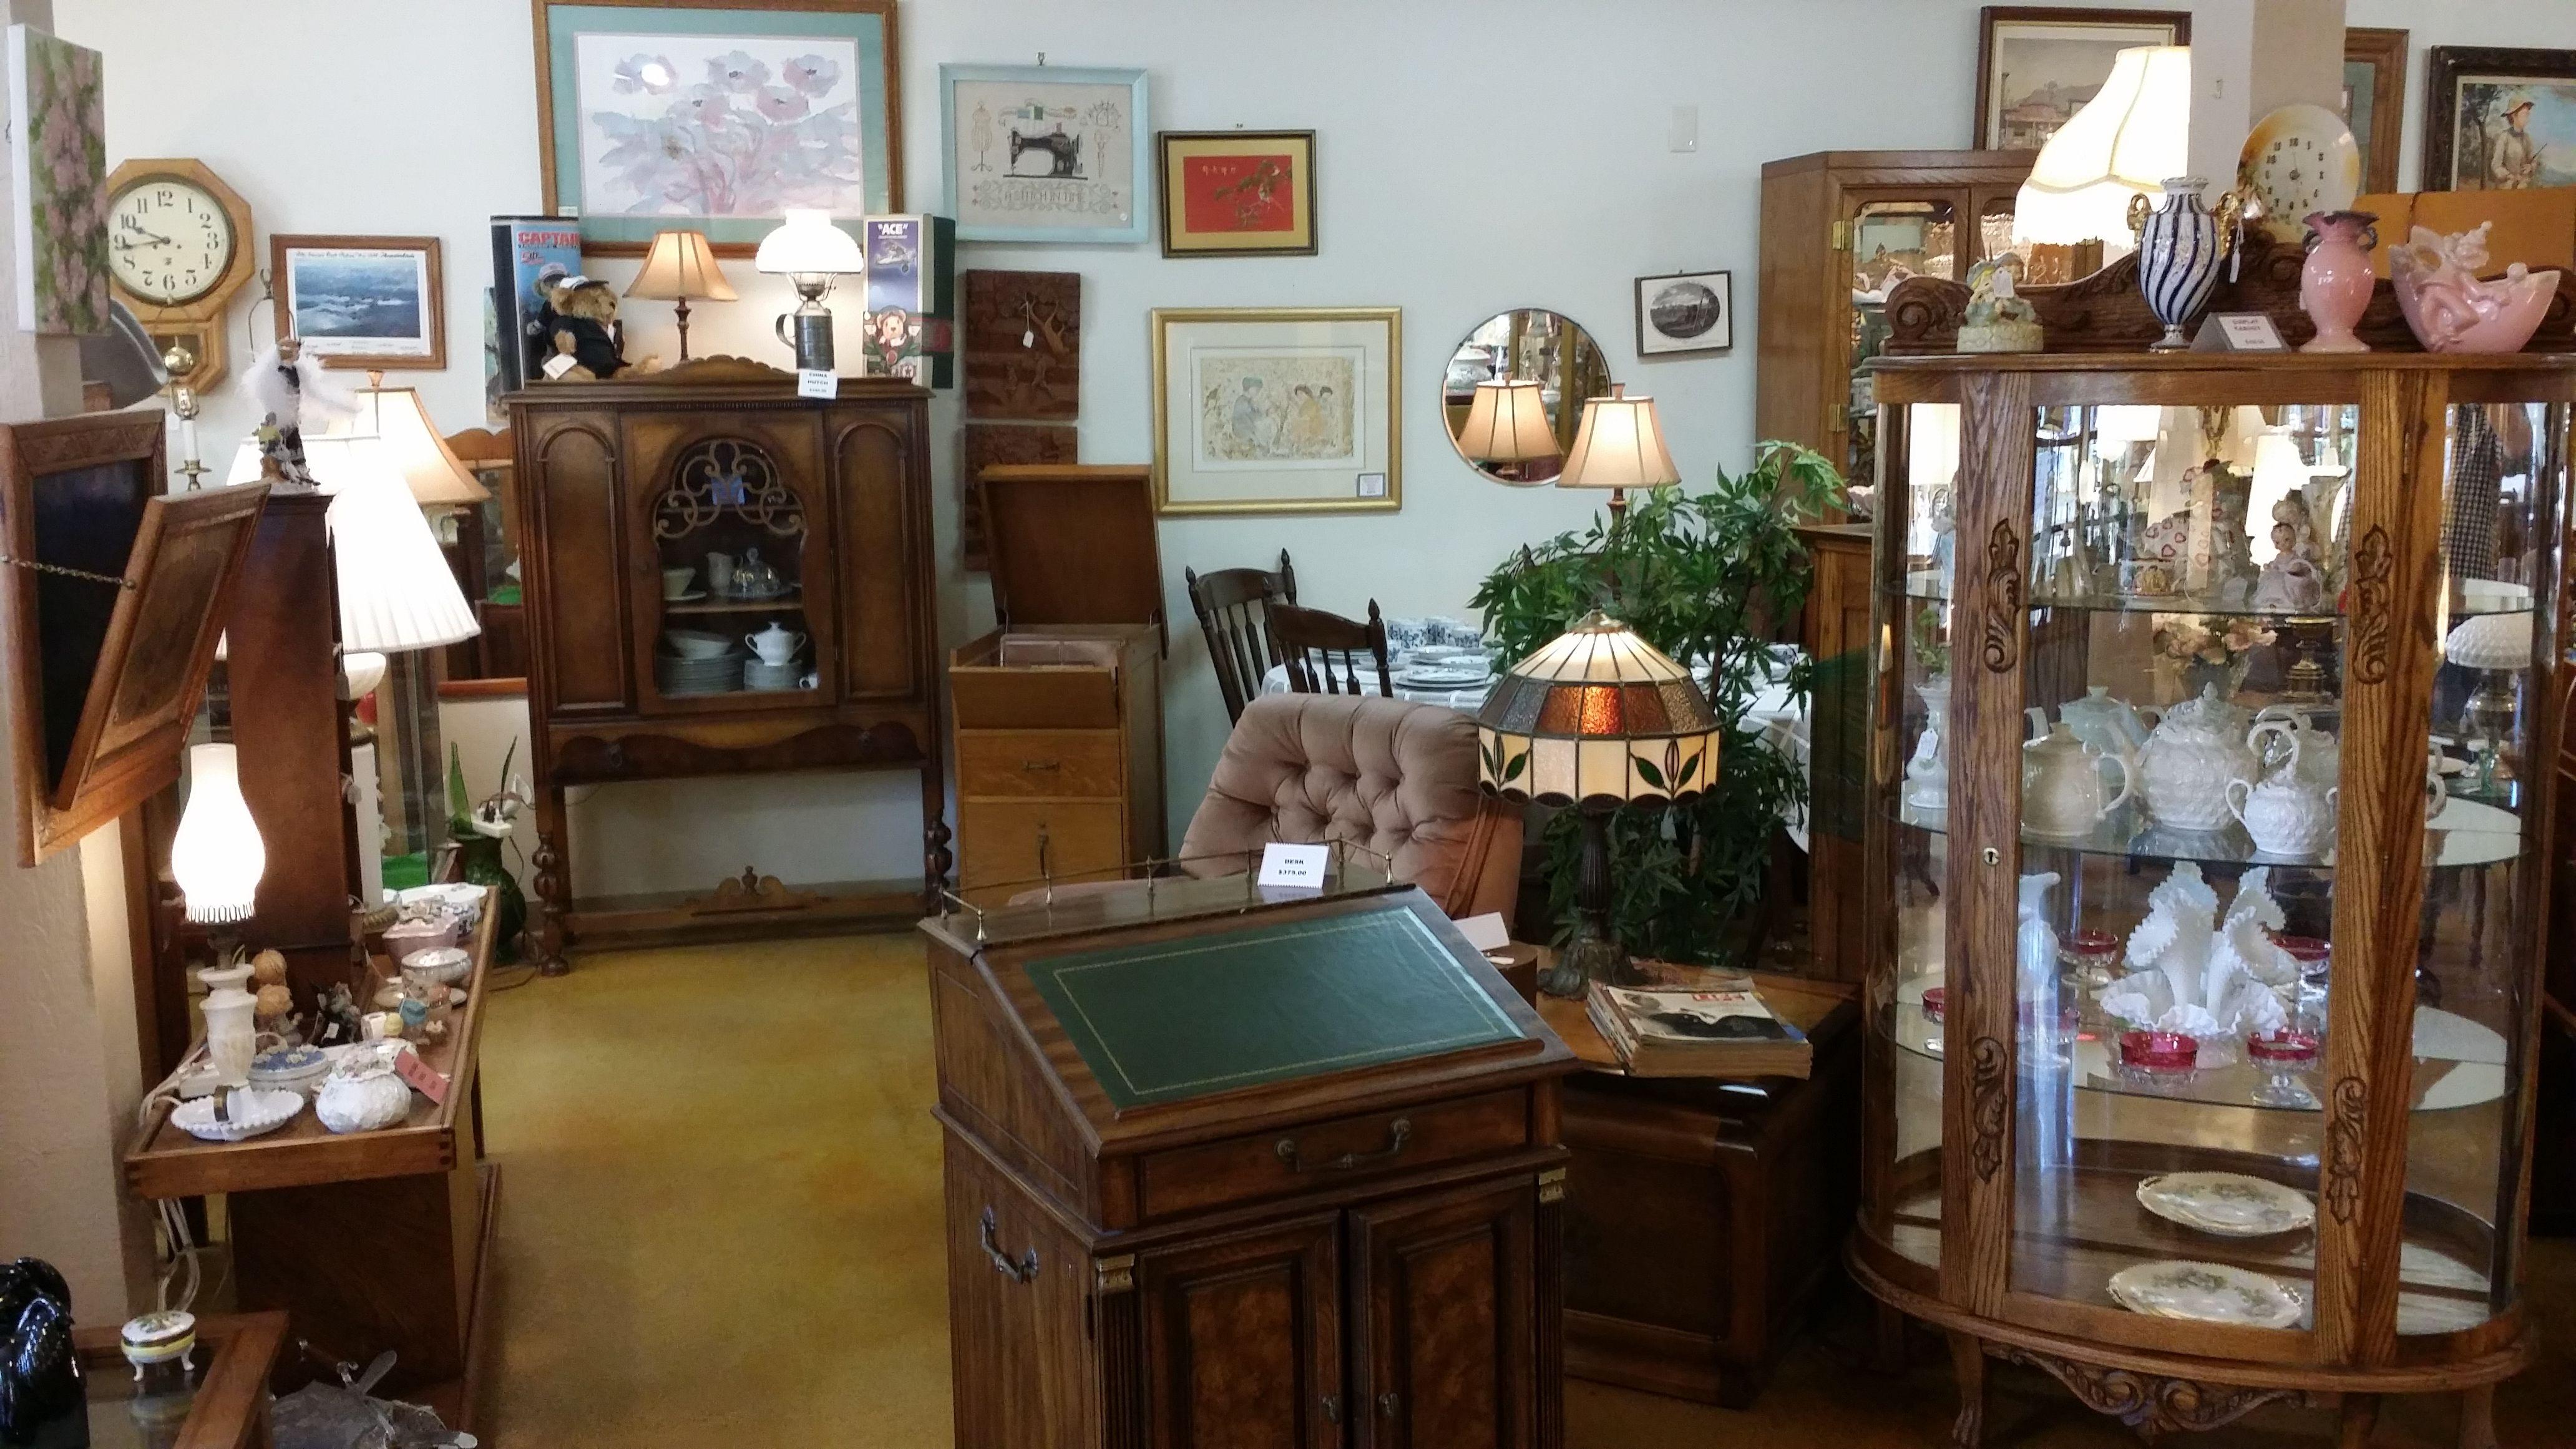 Antique At Suquies - Suquie's Treasures Antique Store merchandise displays on August 5, 2016 at 352 Pollasky, Suite 101, Clovis, California 93612